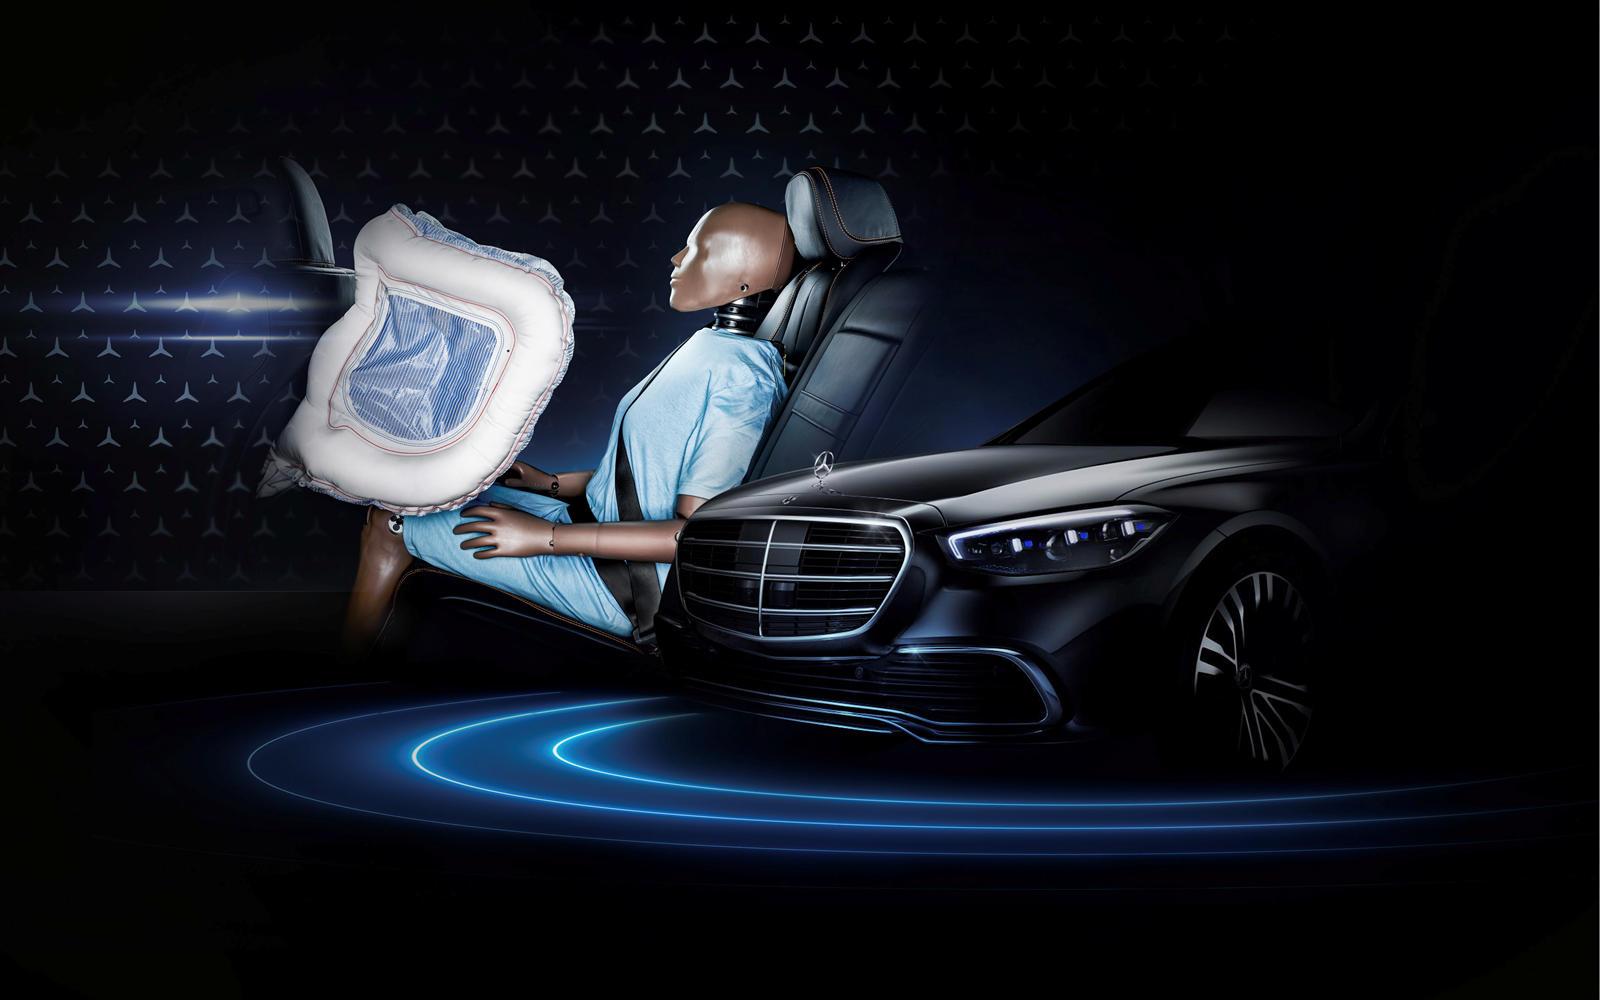 Mercedes го воведува првото воздушно перниче за патниците на задните седишта